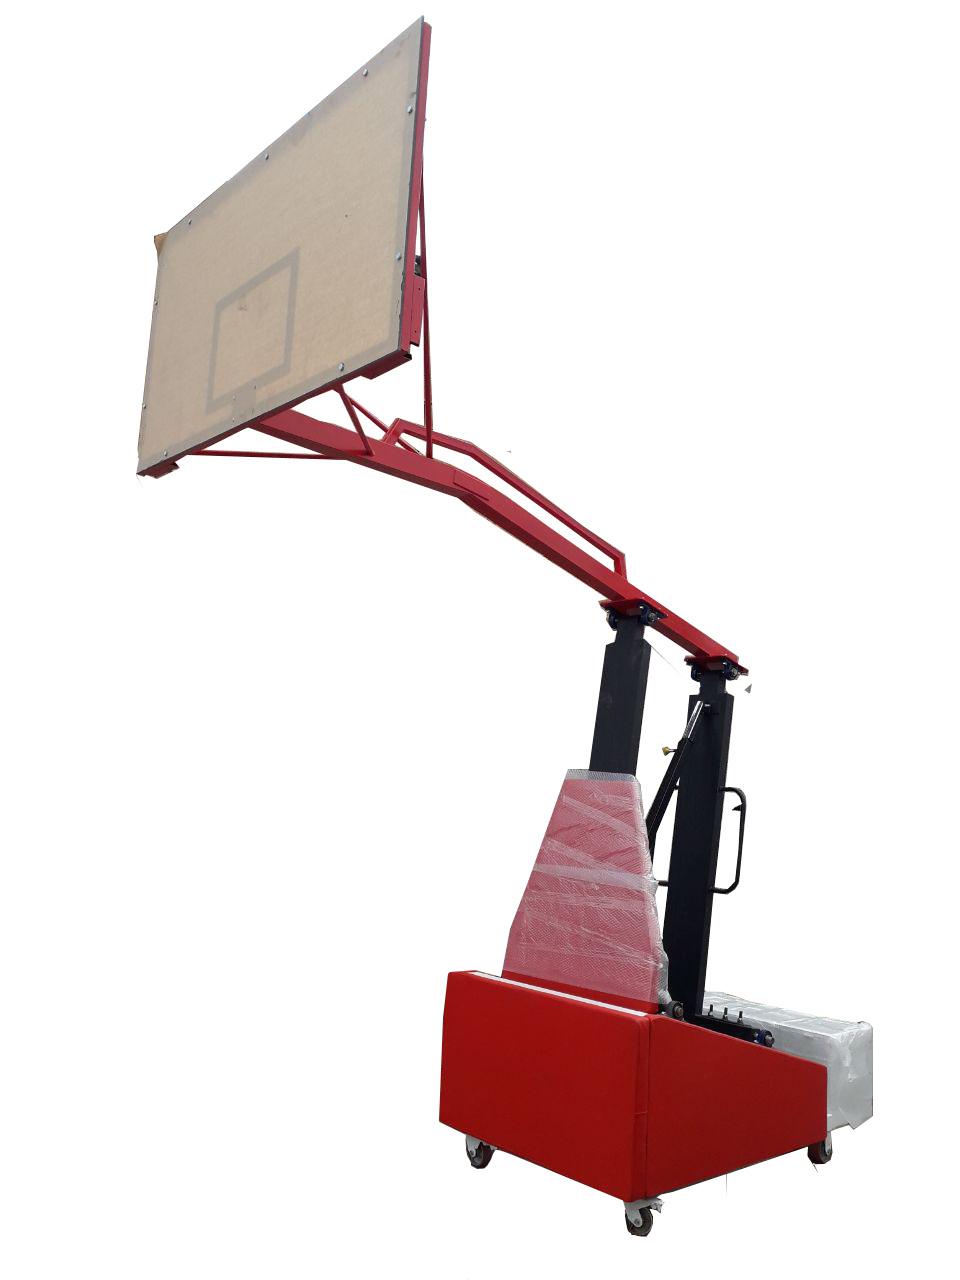 پایه بسکتبال متحرک هیدرولیک طرح شیلد مدرن اسپرت